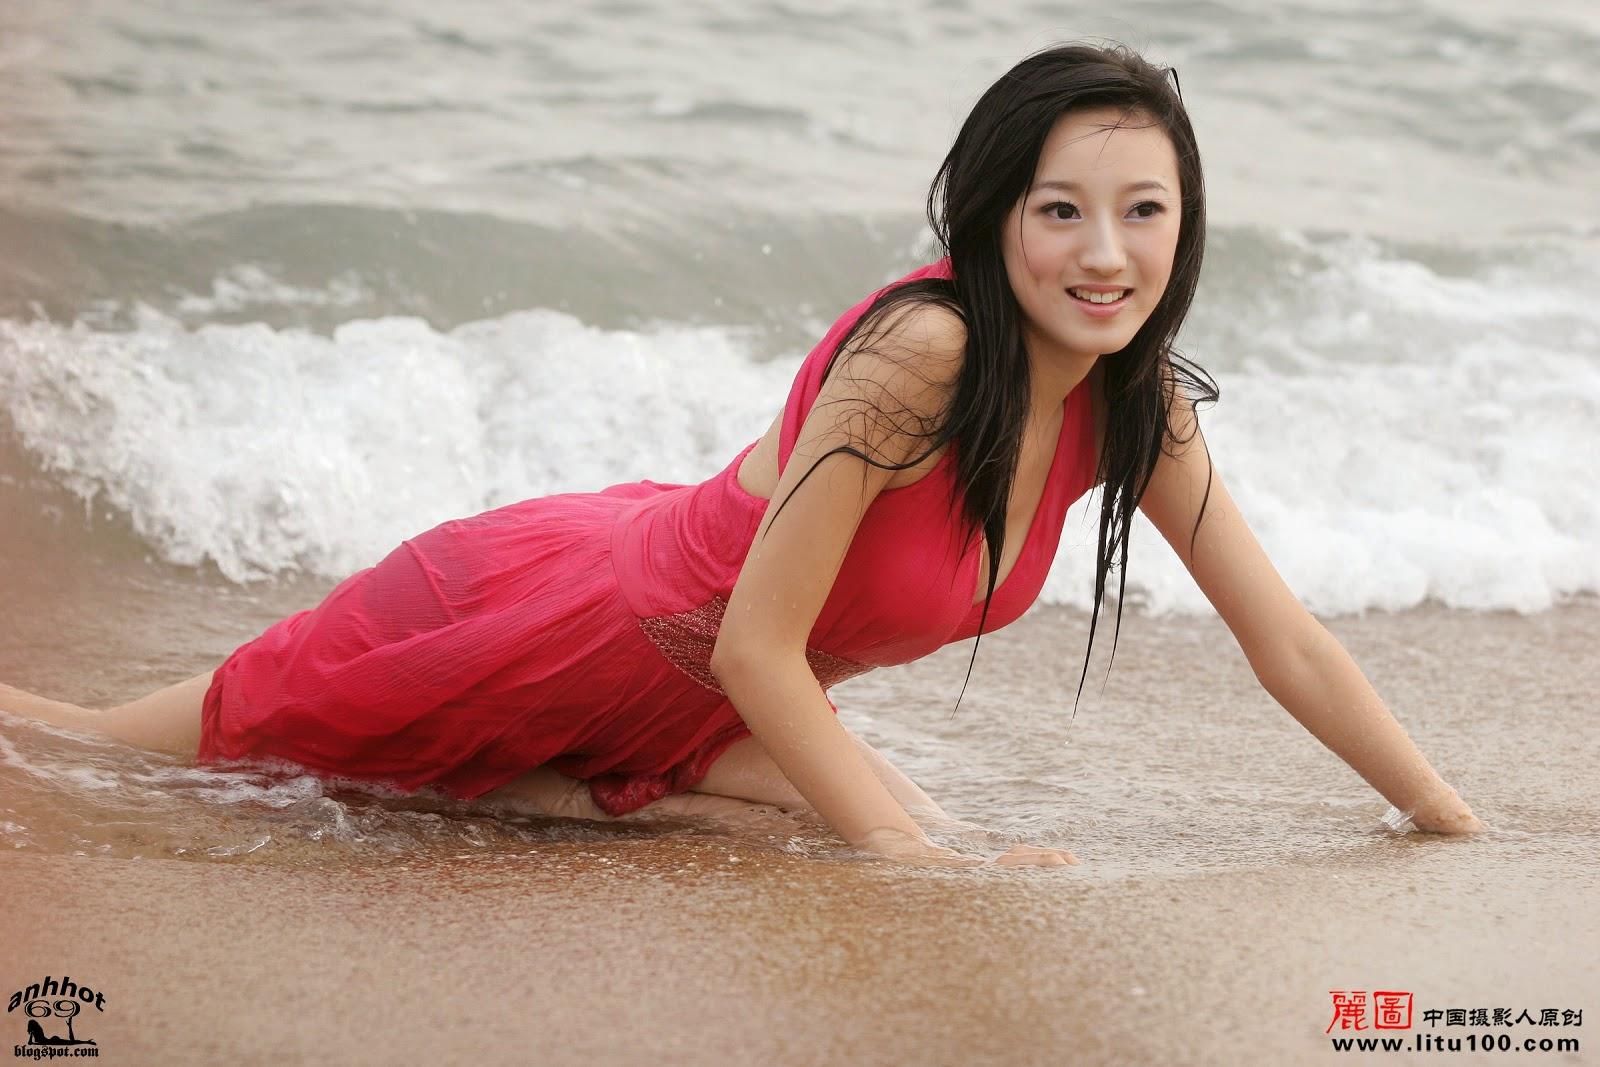 litu-200600819-zhang-tian-yi-sea_IMG_7112